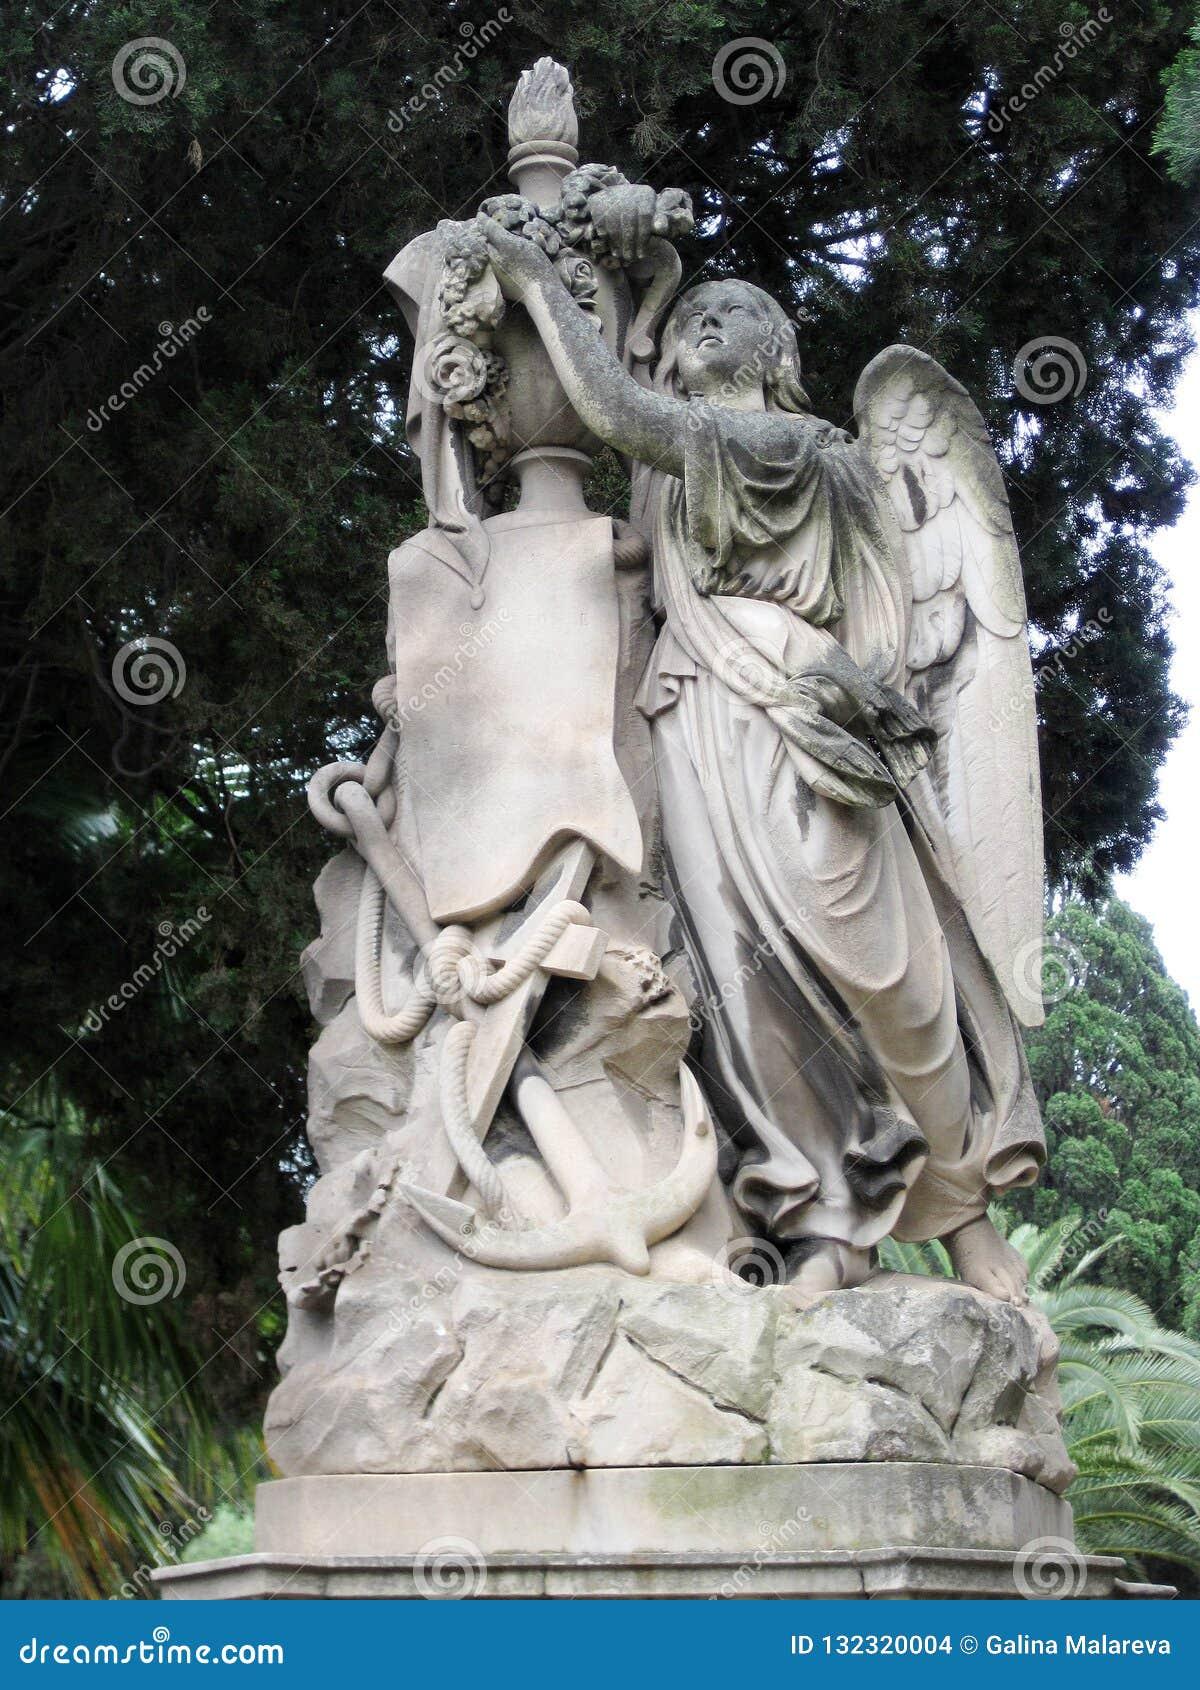 Vieux monument, ange de couvée sur un piédestal avec des fleurs et une ancre flottante